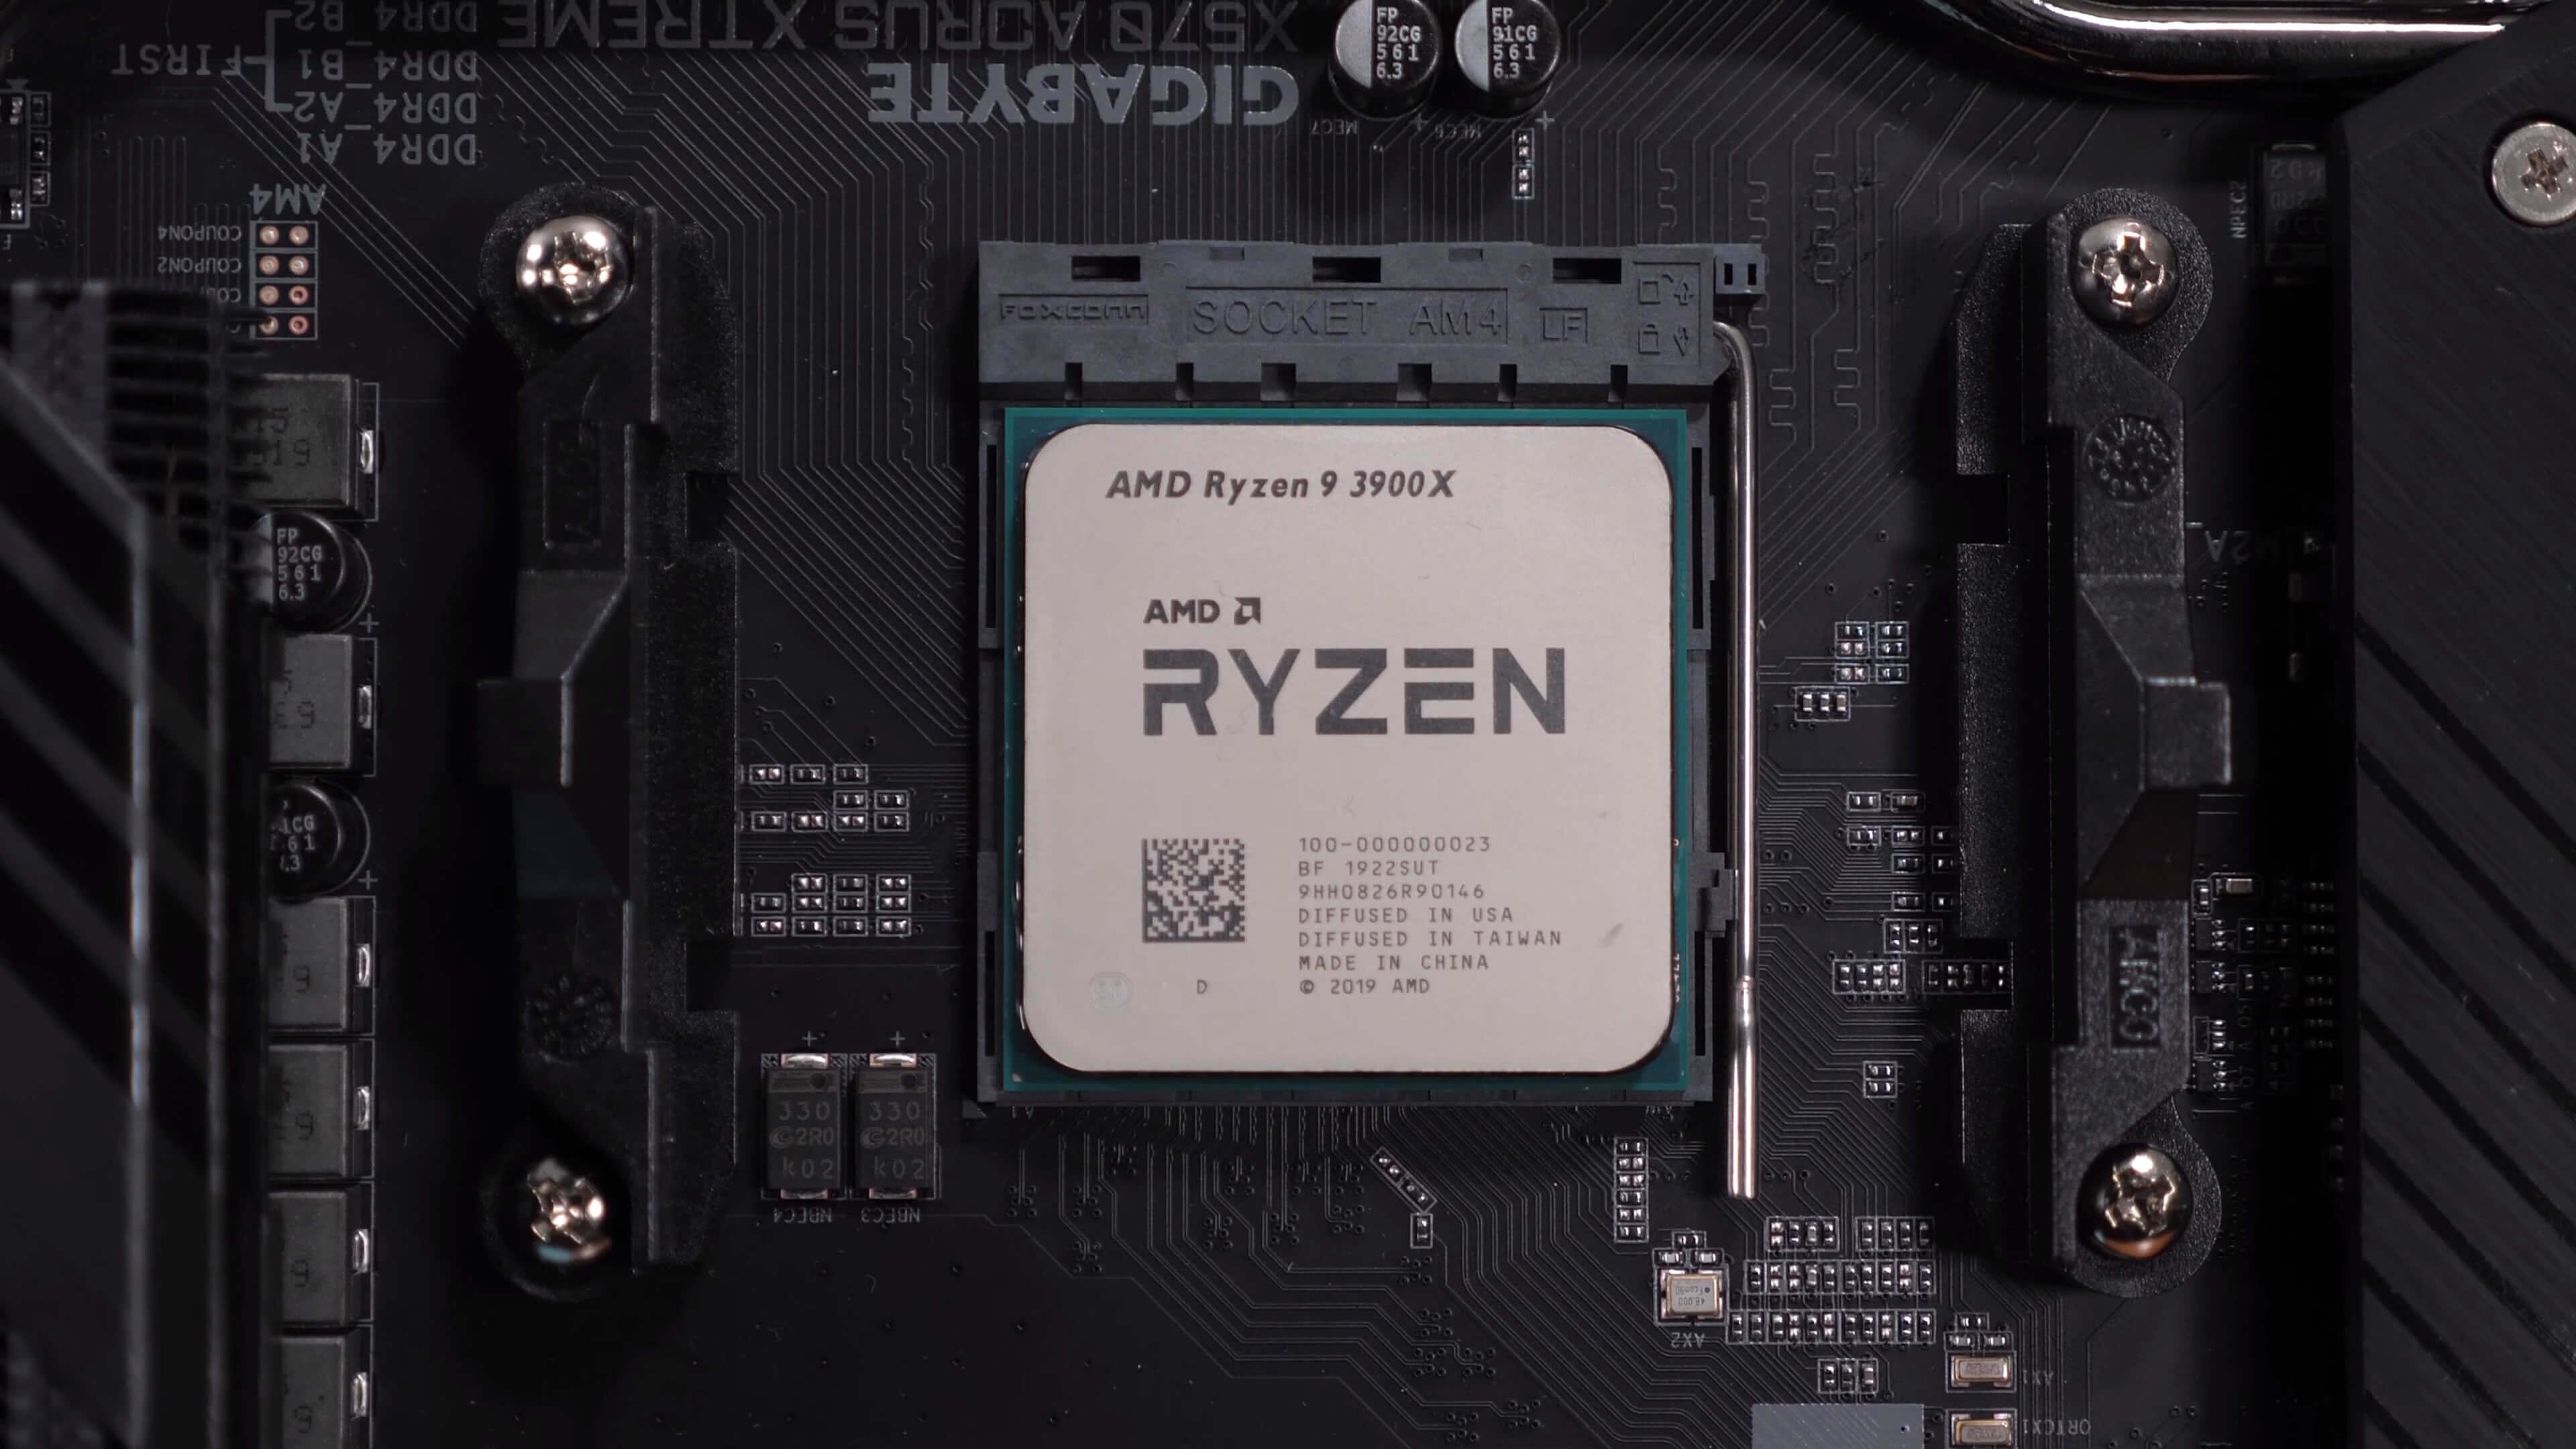 Ryzen 9 3900x Wraith Prism Rgb Stock Cooler Vs 360mm Aio Liquid Cooler